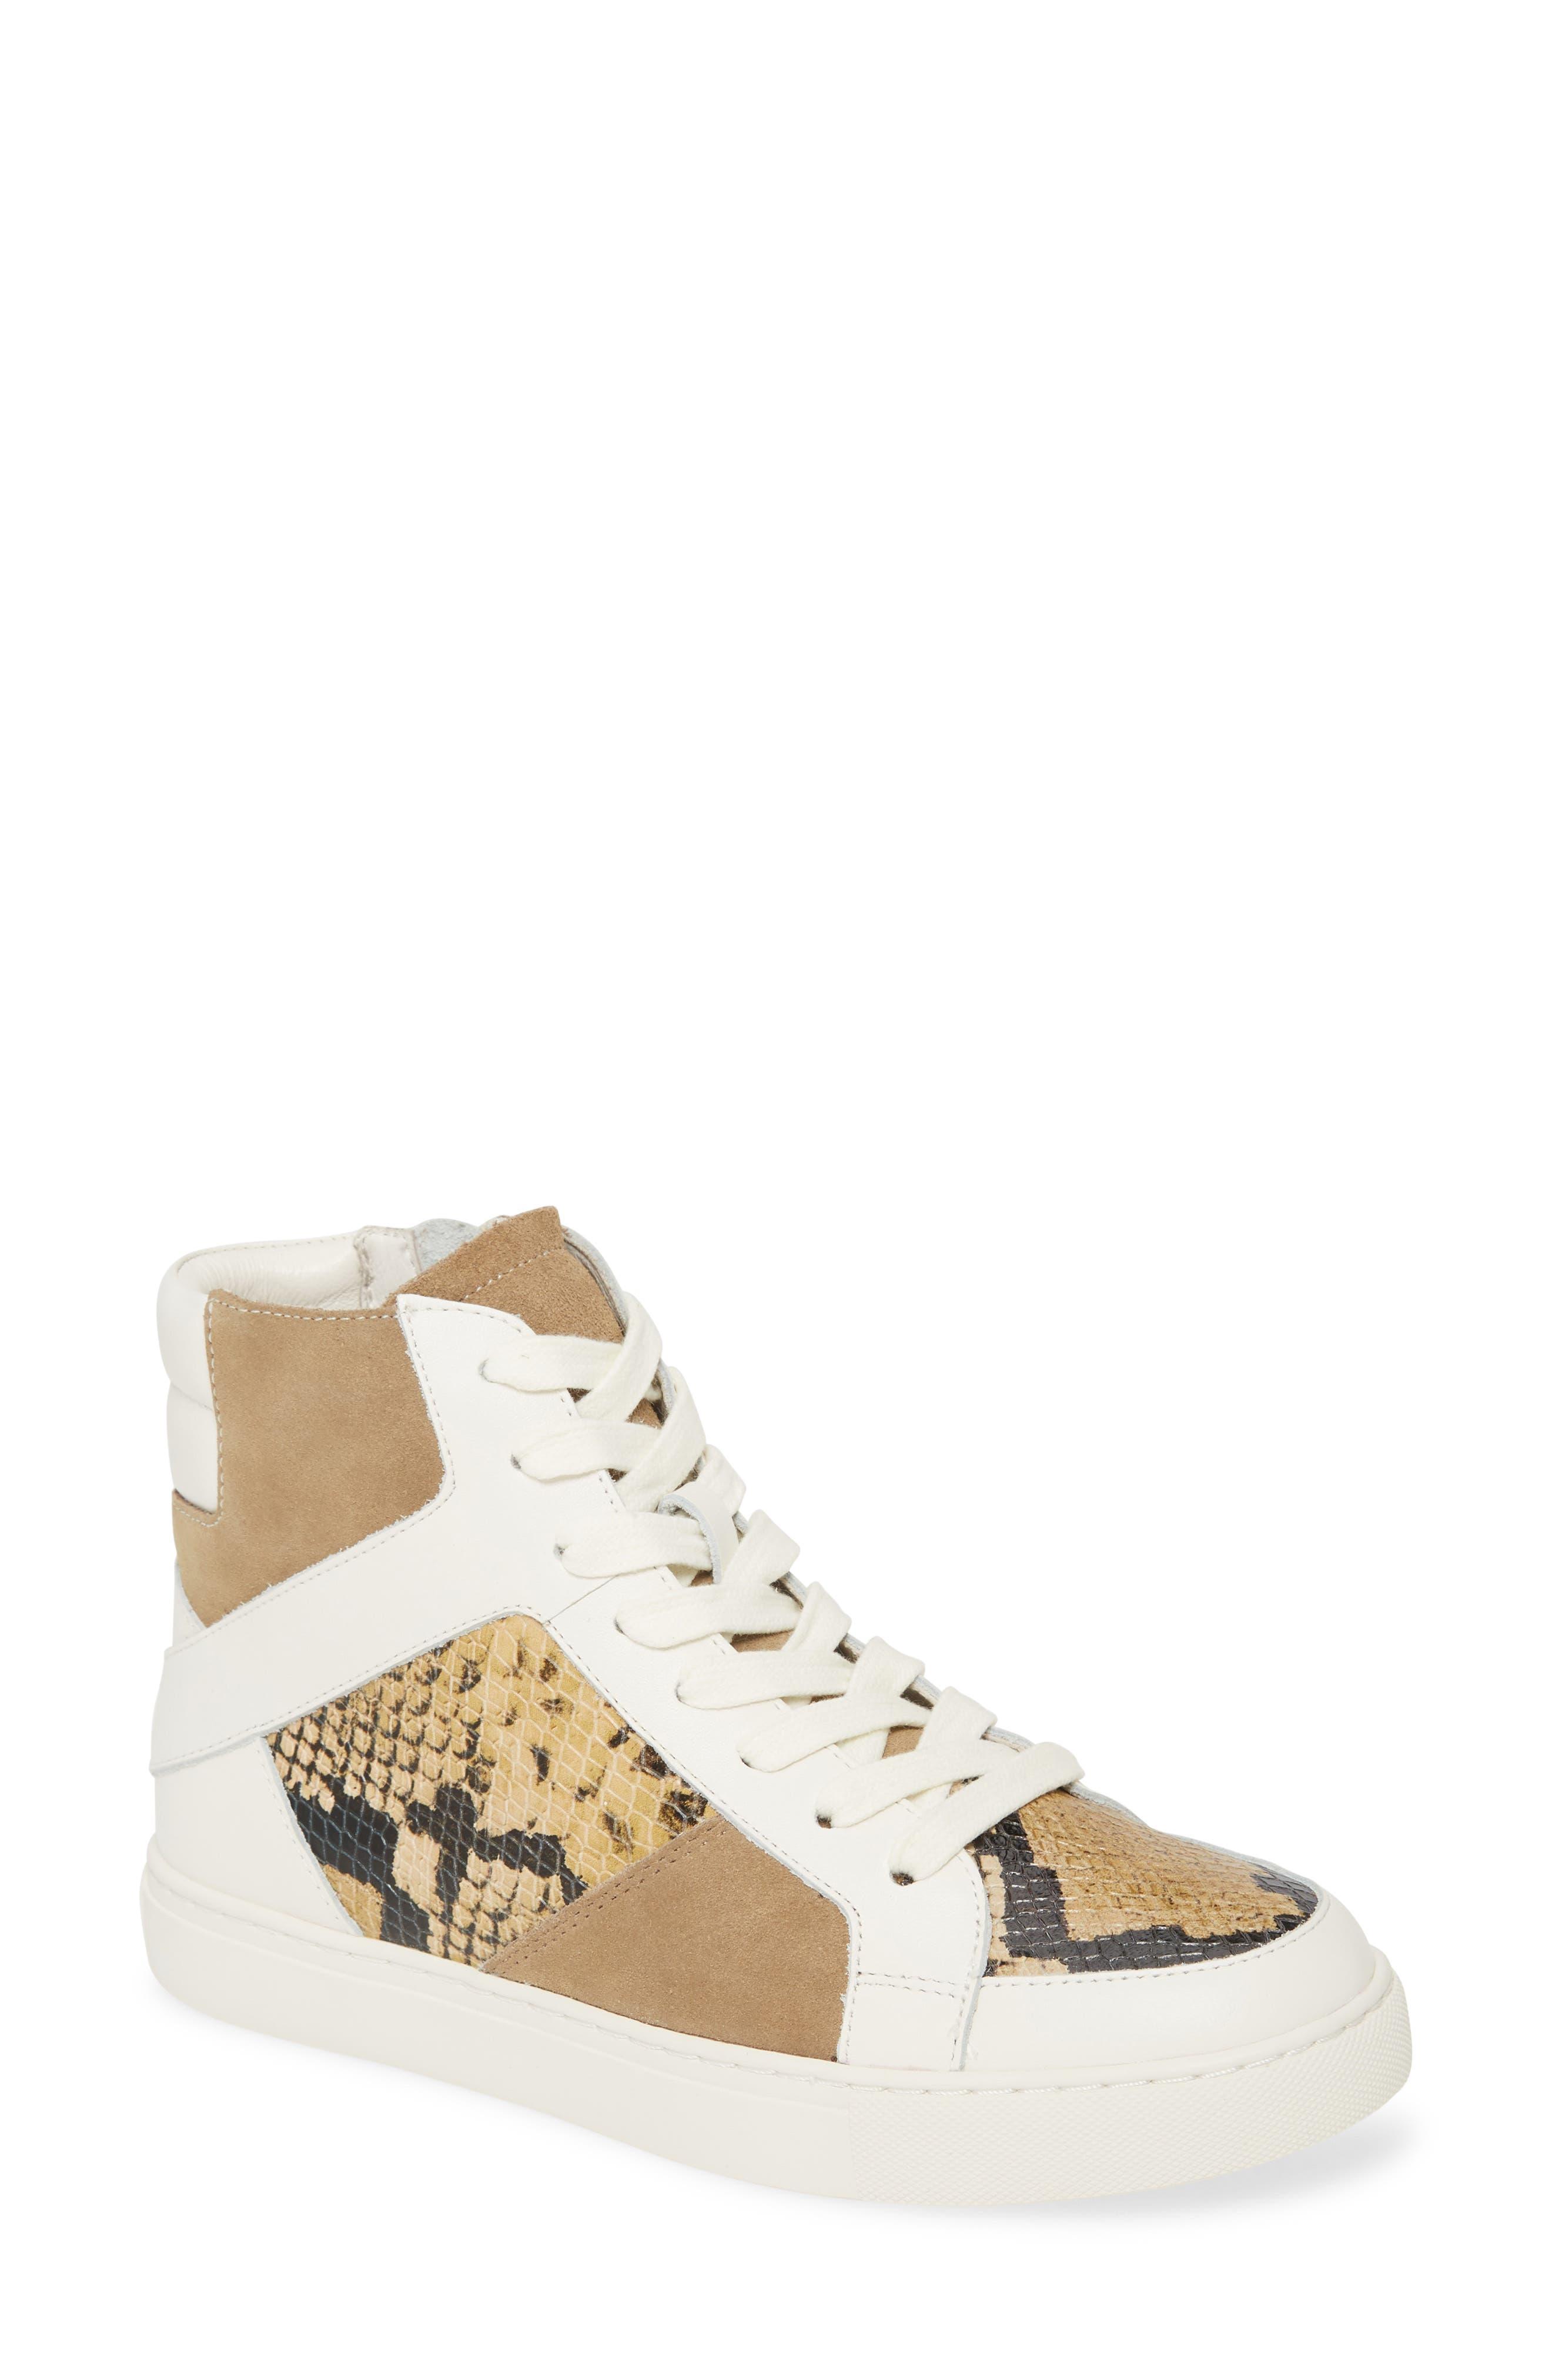 Toss Up High Top Sneaker